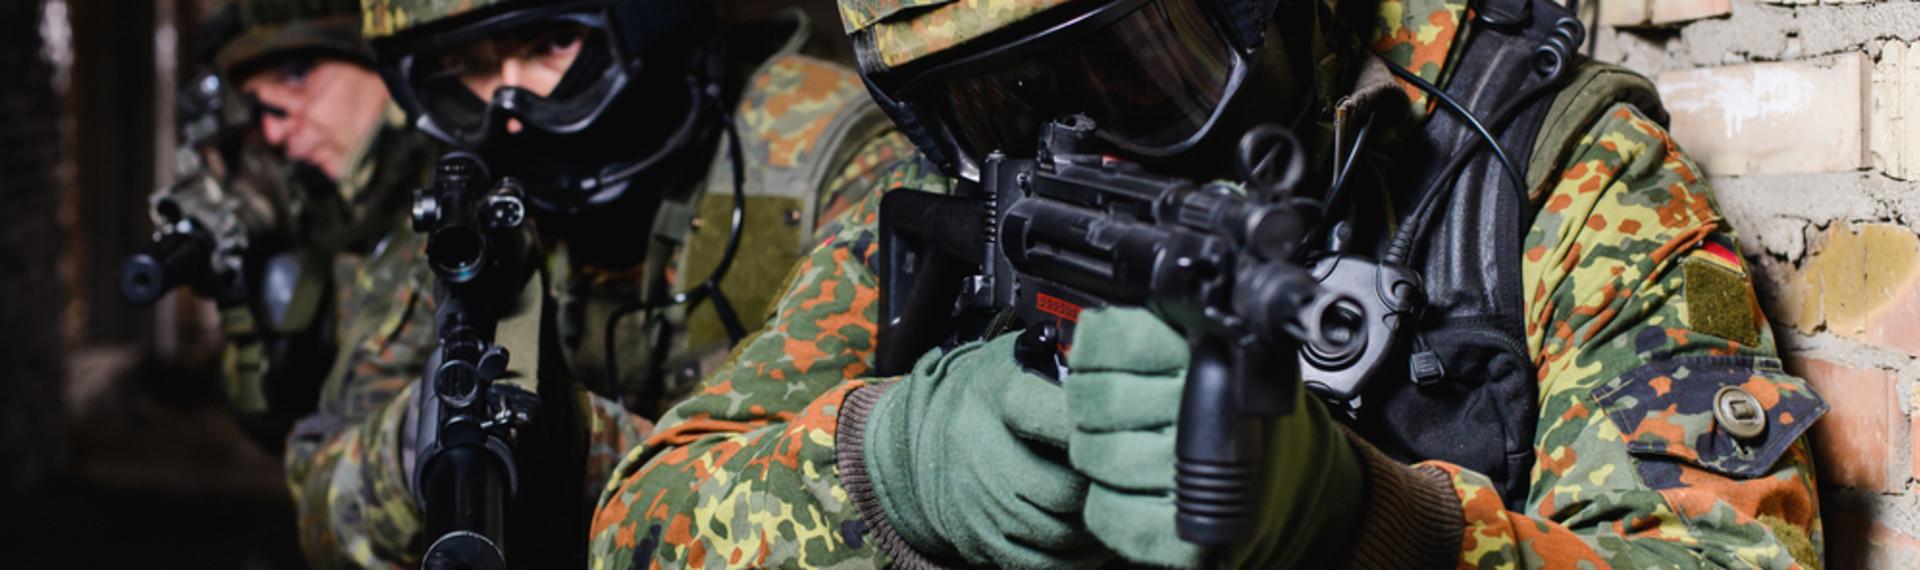 Warschau Special Forces Schießtraining image